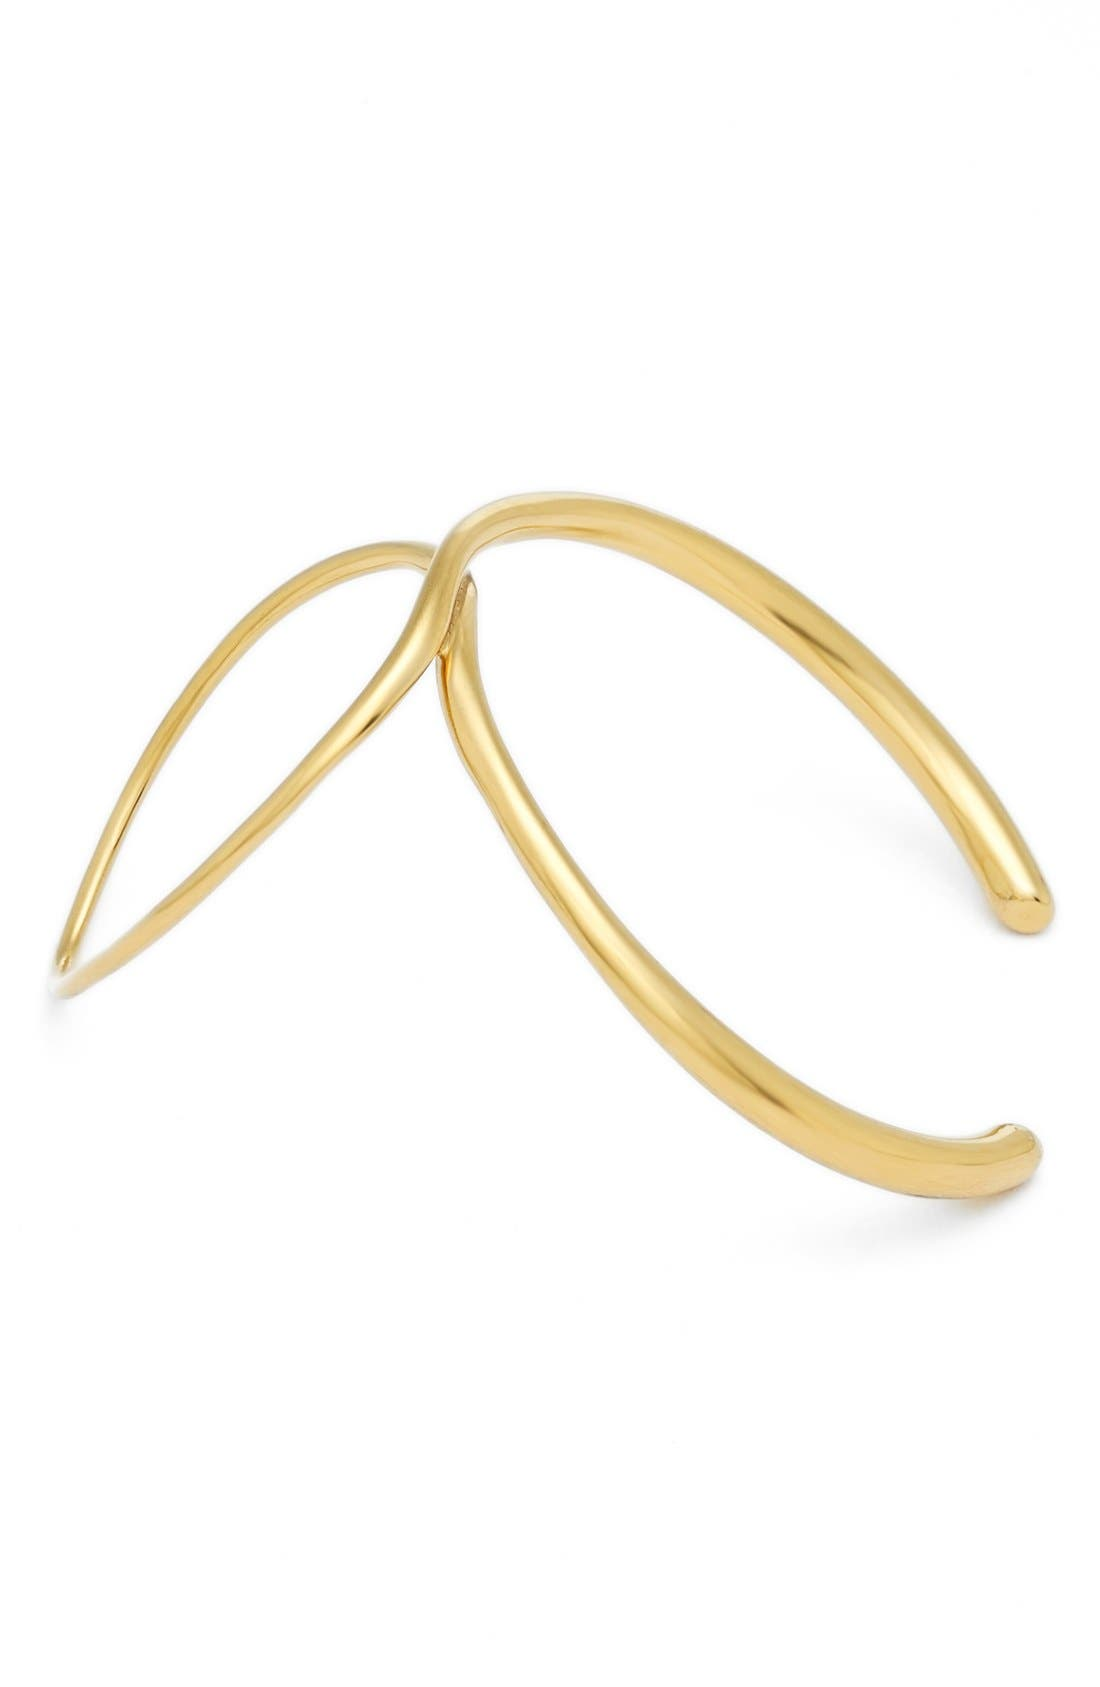 Main Image - Charlotte Chesnais 'Bond' Bracelet